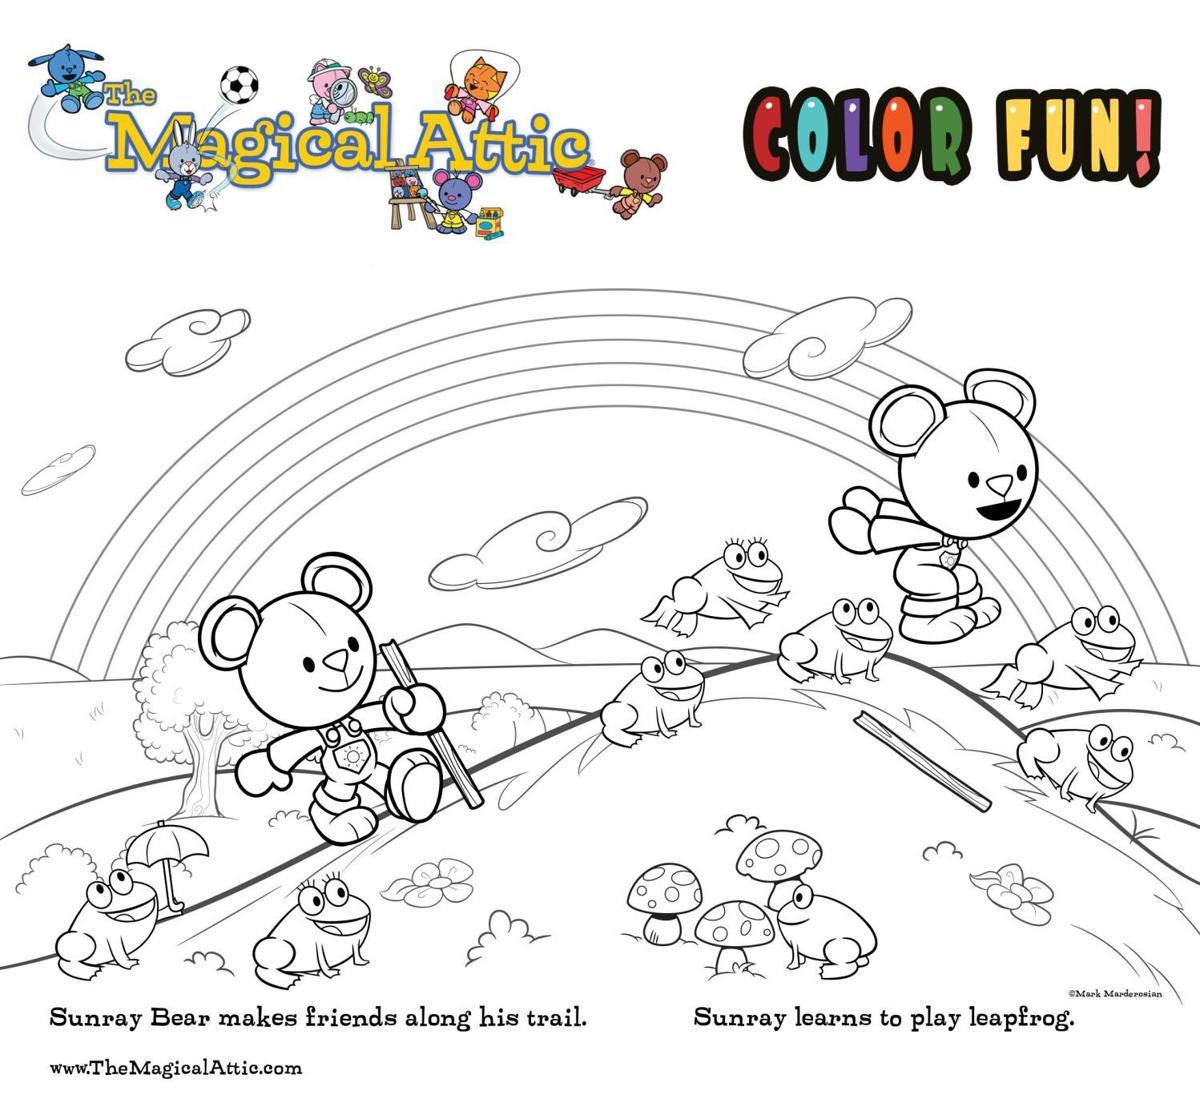 Coloring fun with Sunray Bear